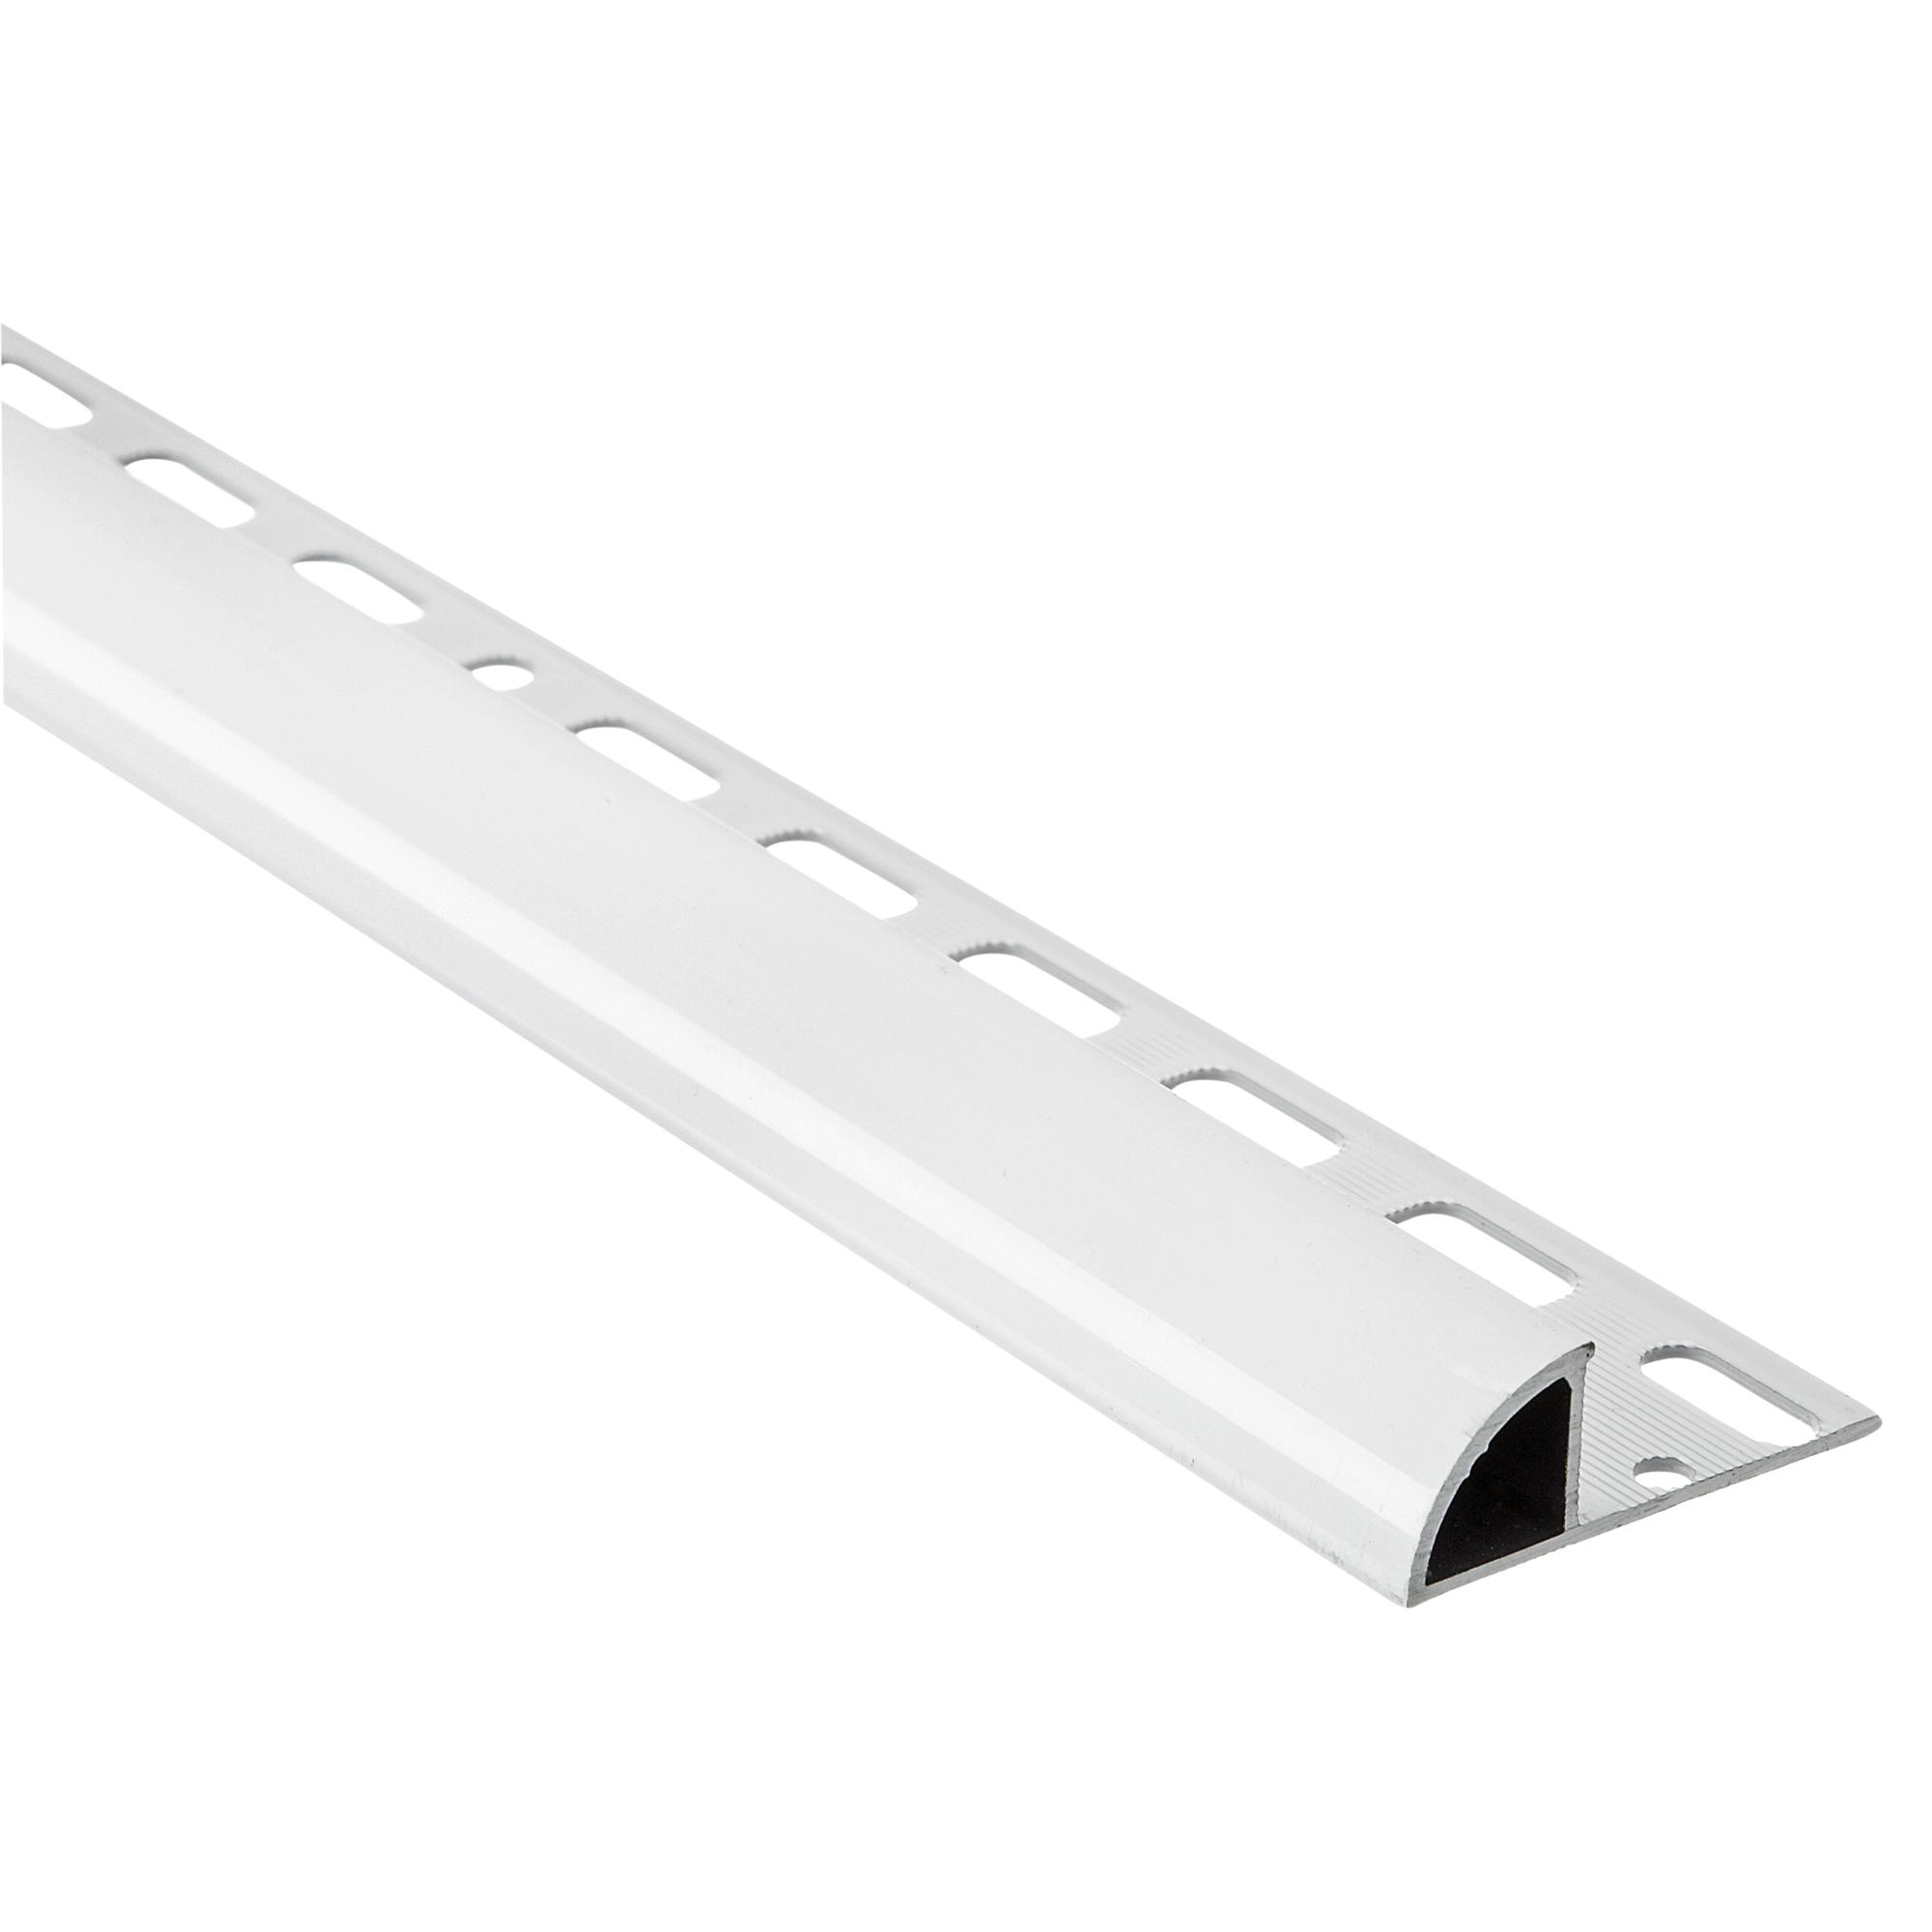 20+ Alfer Viertelkreisprofil Aluminium weiß, Breite 8 mm Galerie